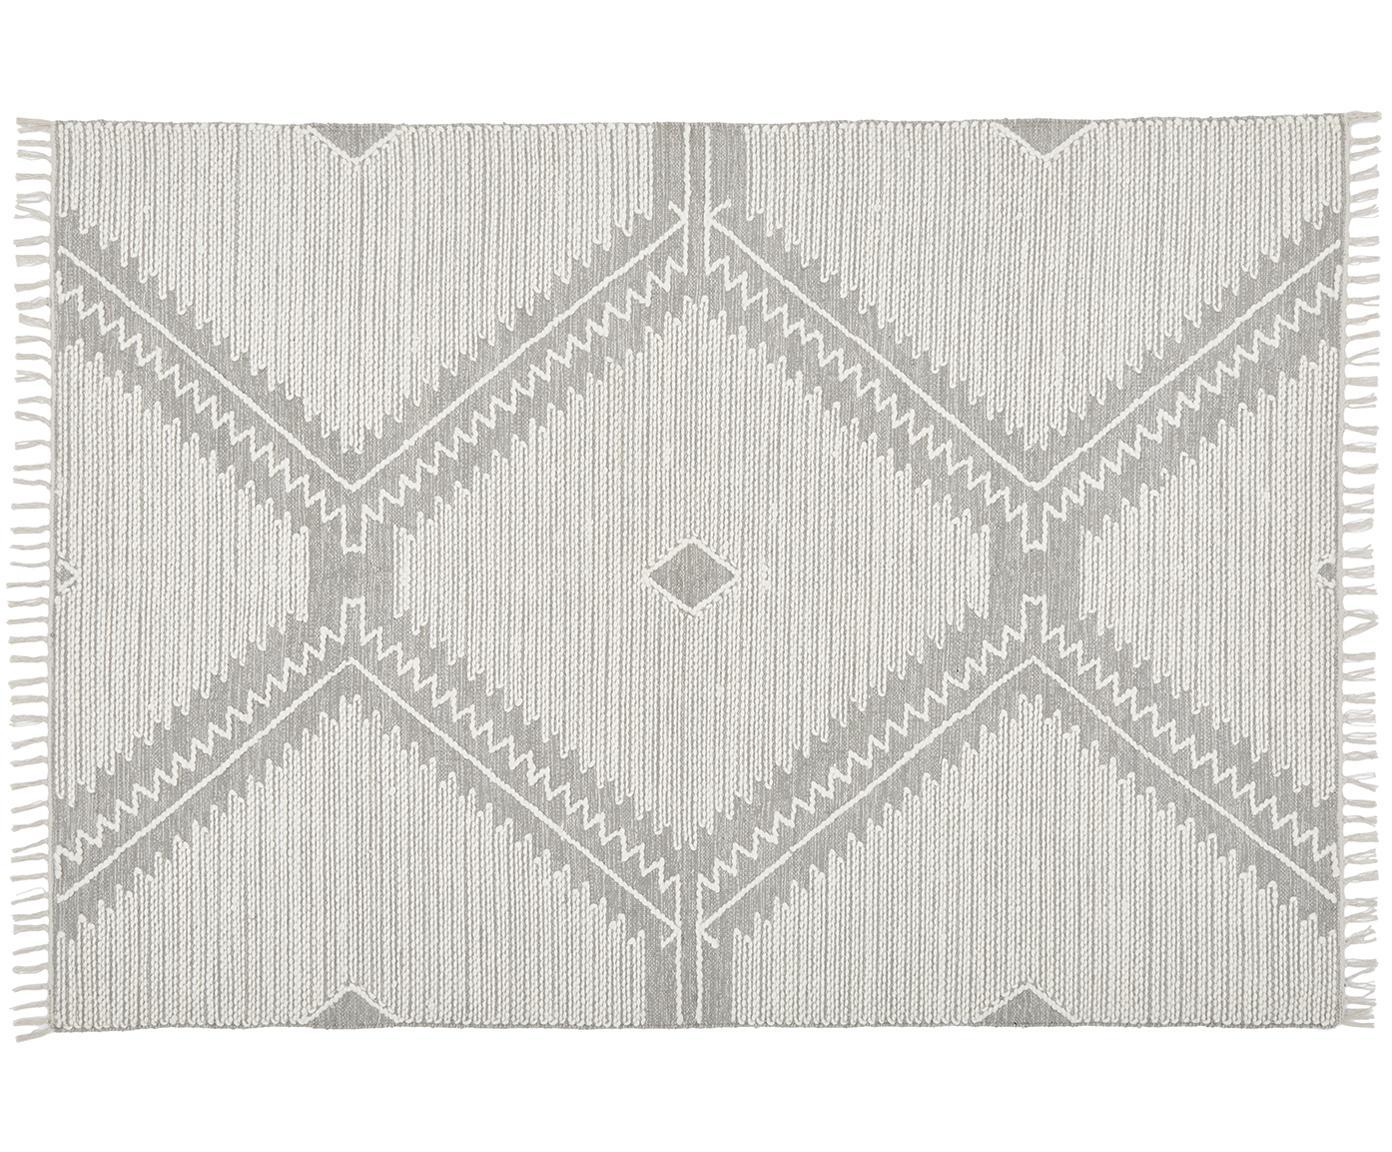 Alfombra artesanal texturizada Karola, Gris, blanco crema, An 160 x L 230 cm (Tamaño M)